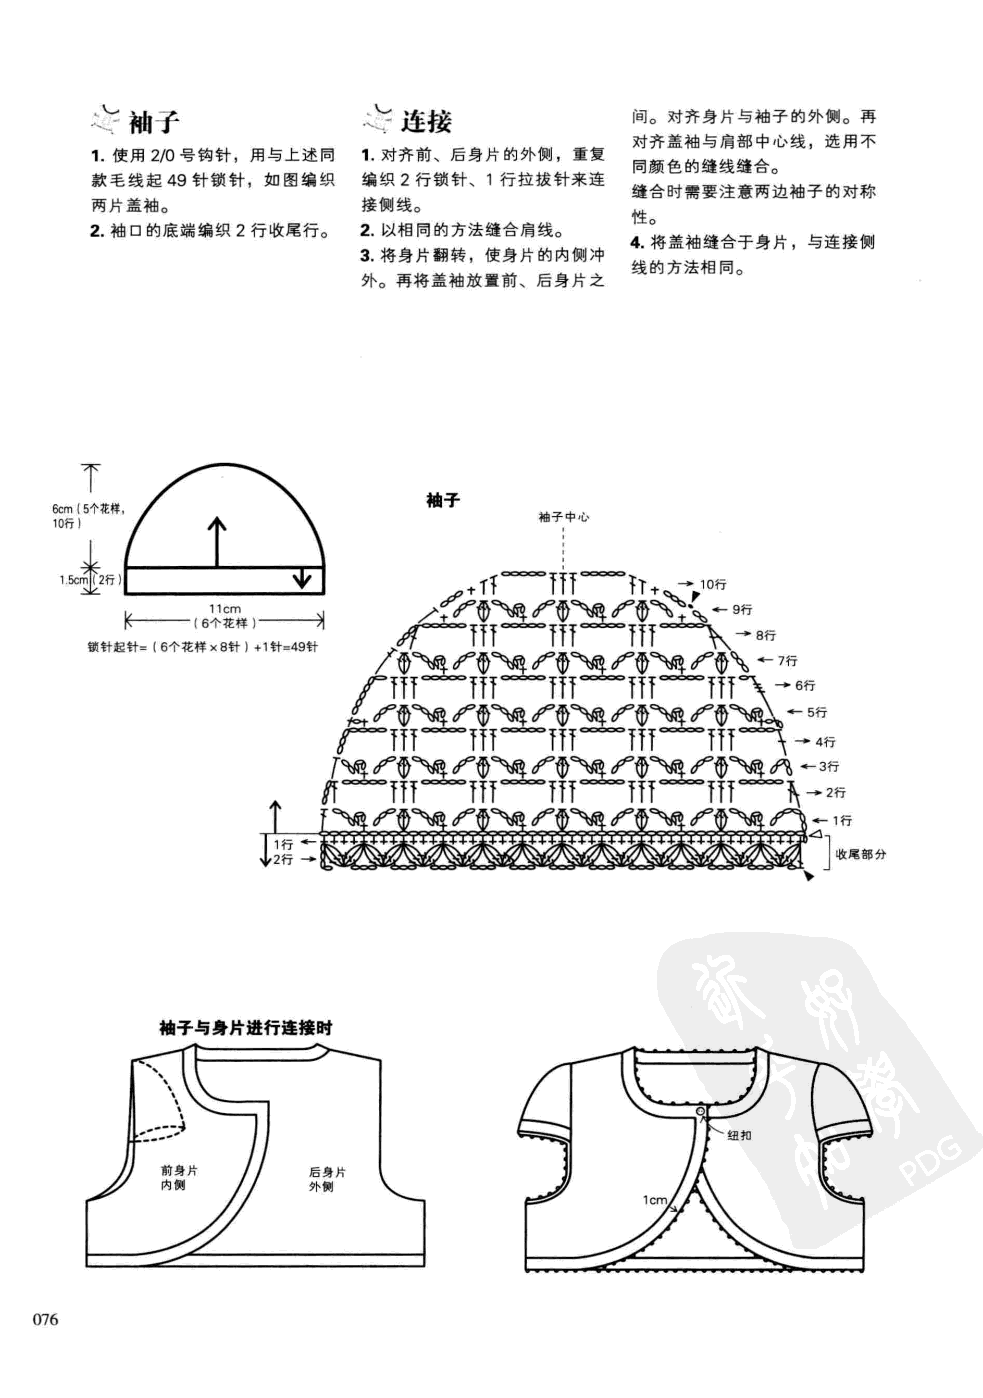 绿野图解 (4).jpg